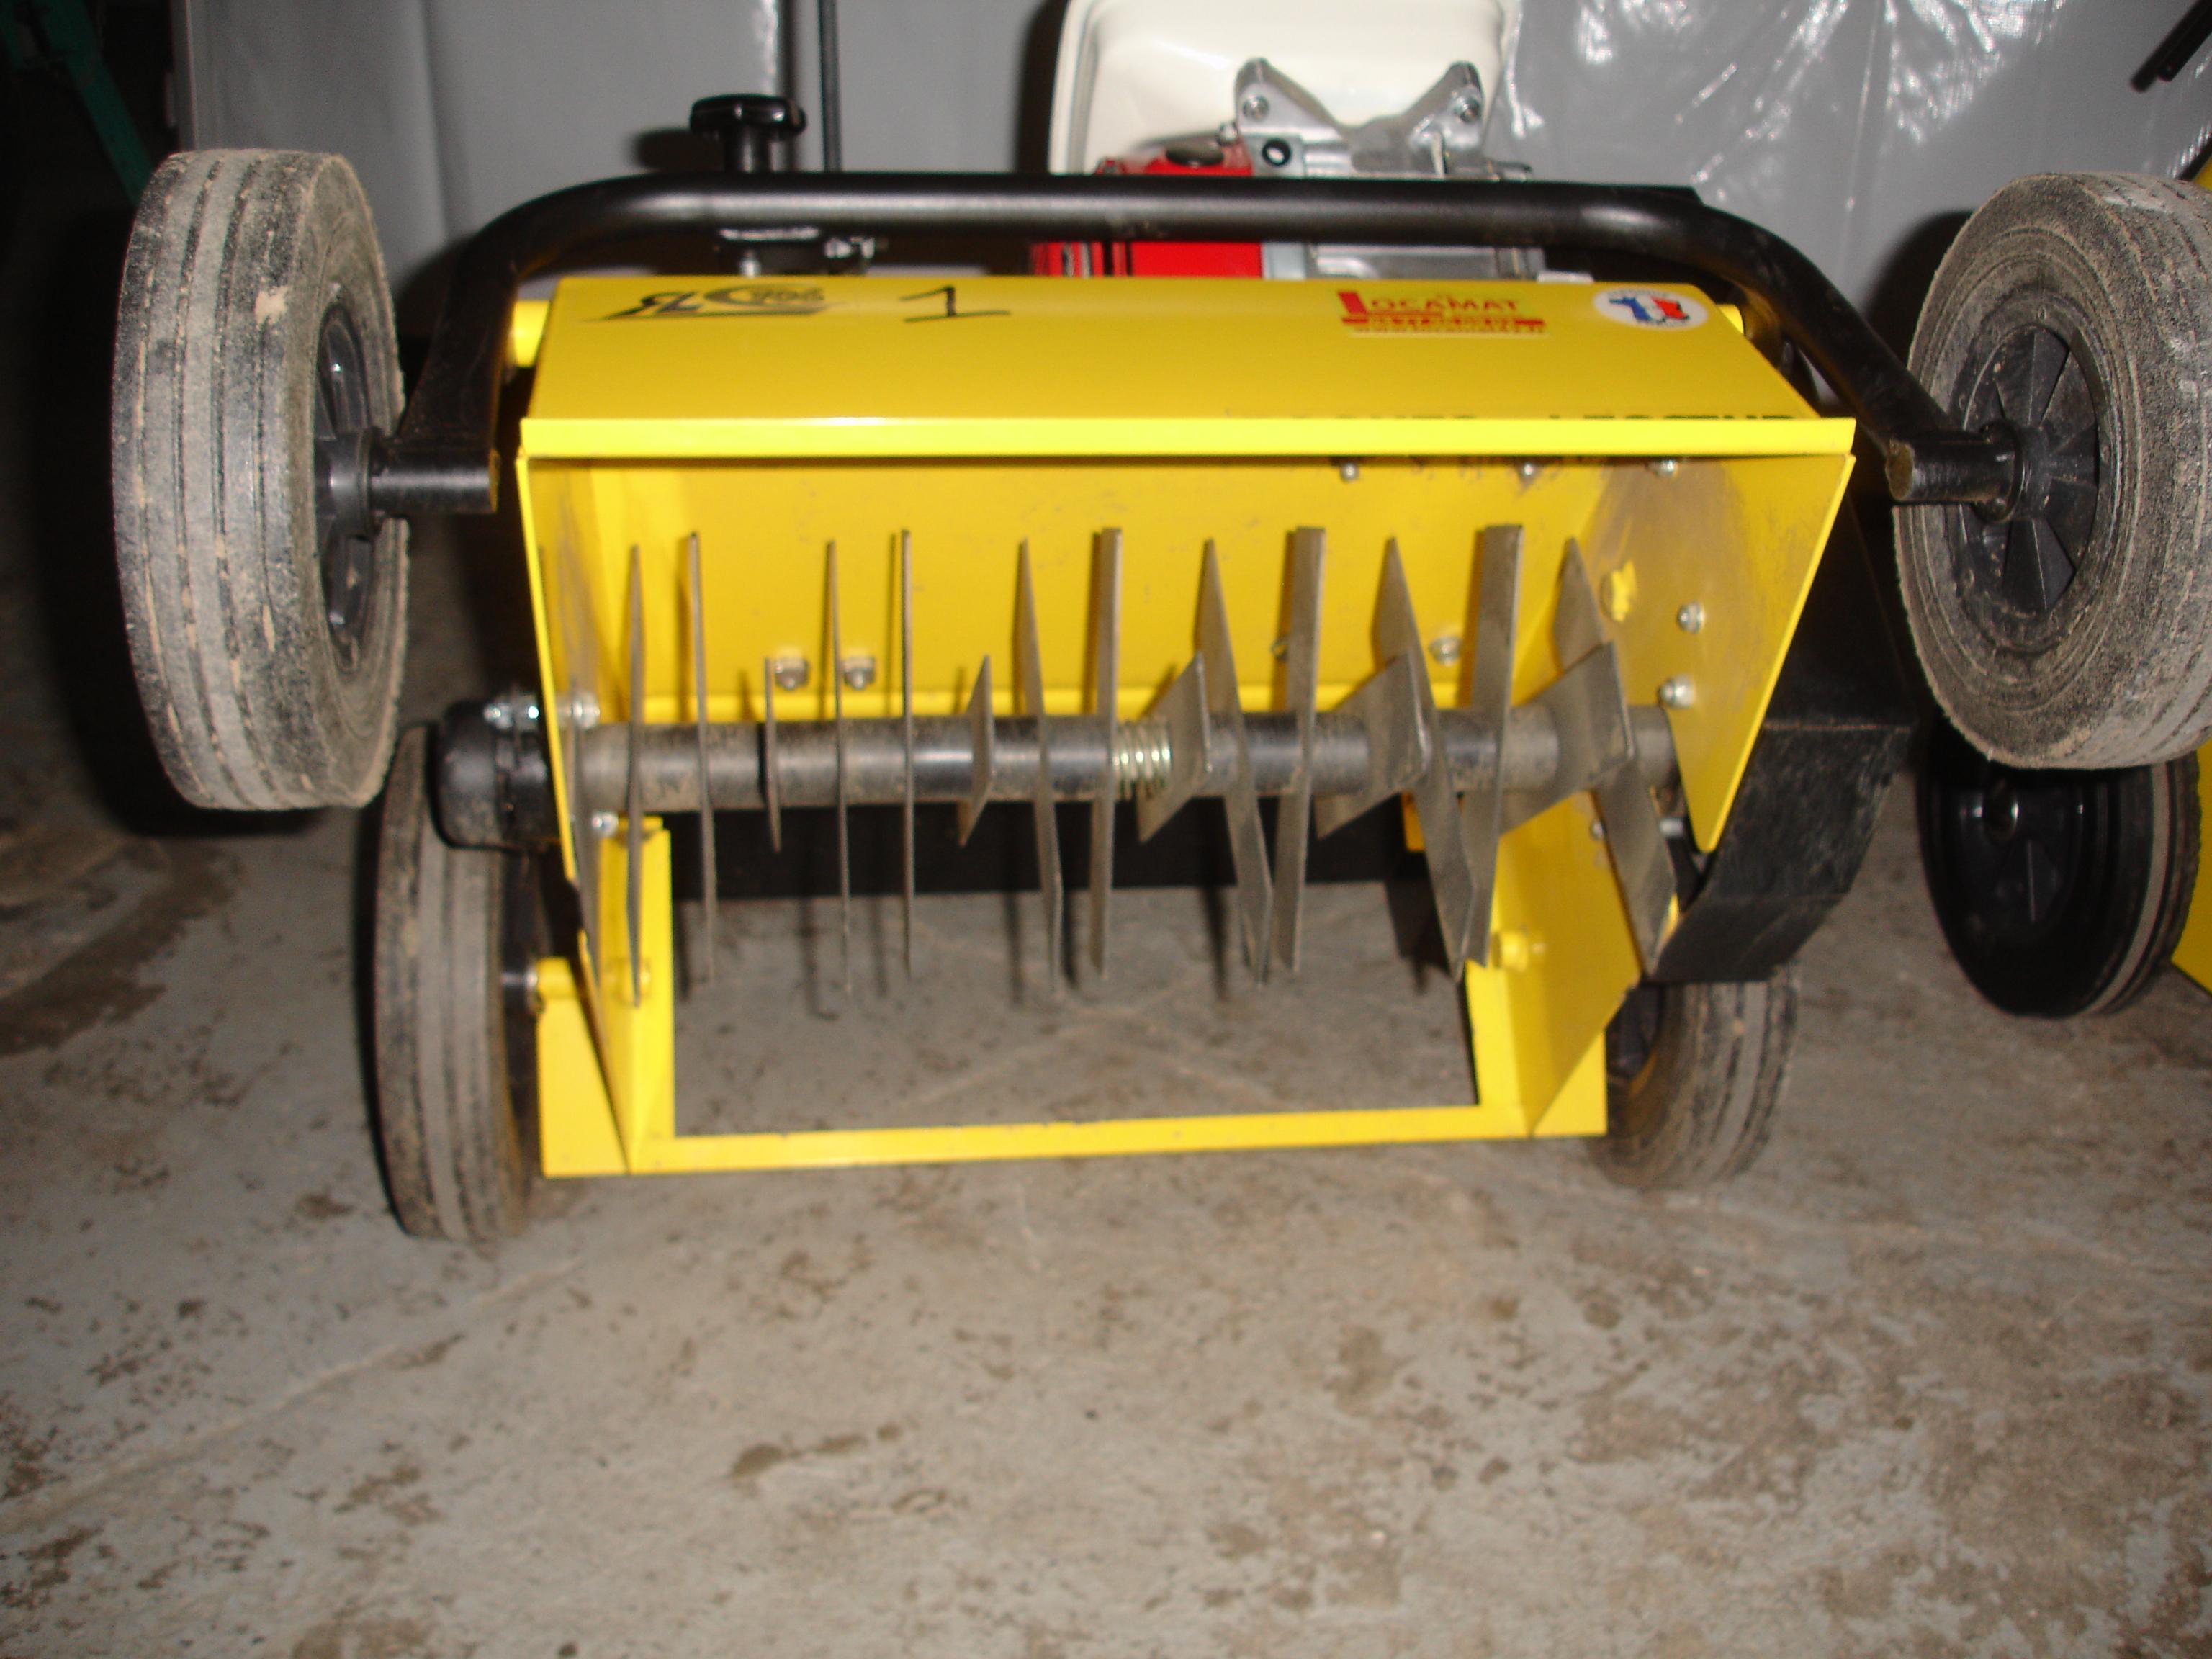 Scarificateur a rateur de pelouse - Scarificateur pour pelouse ...